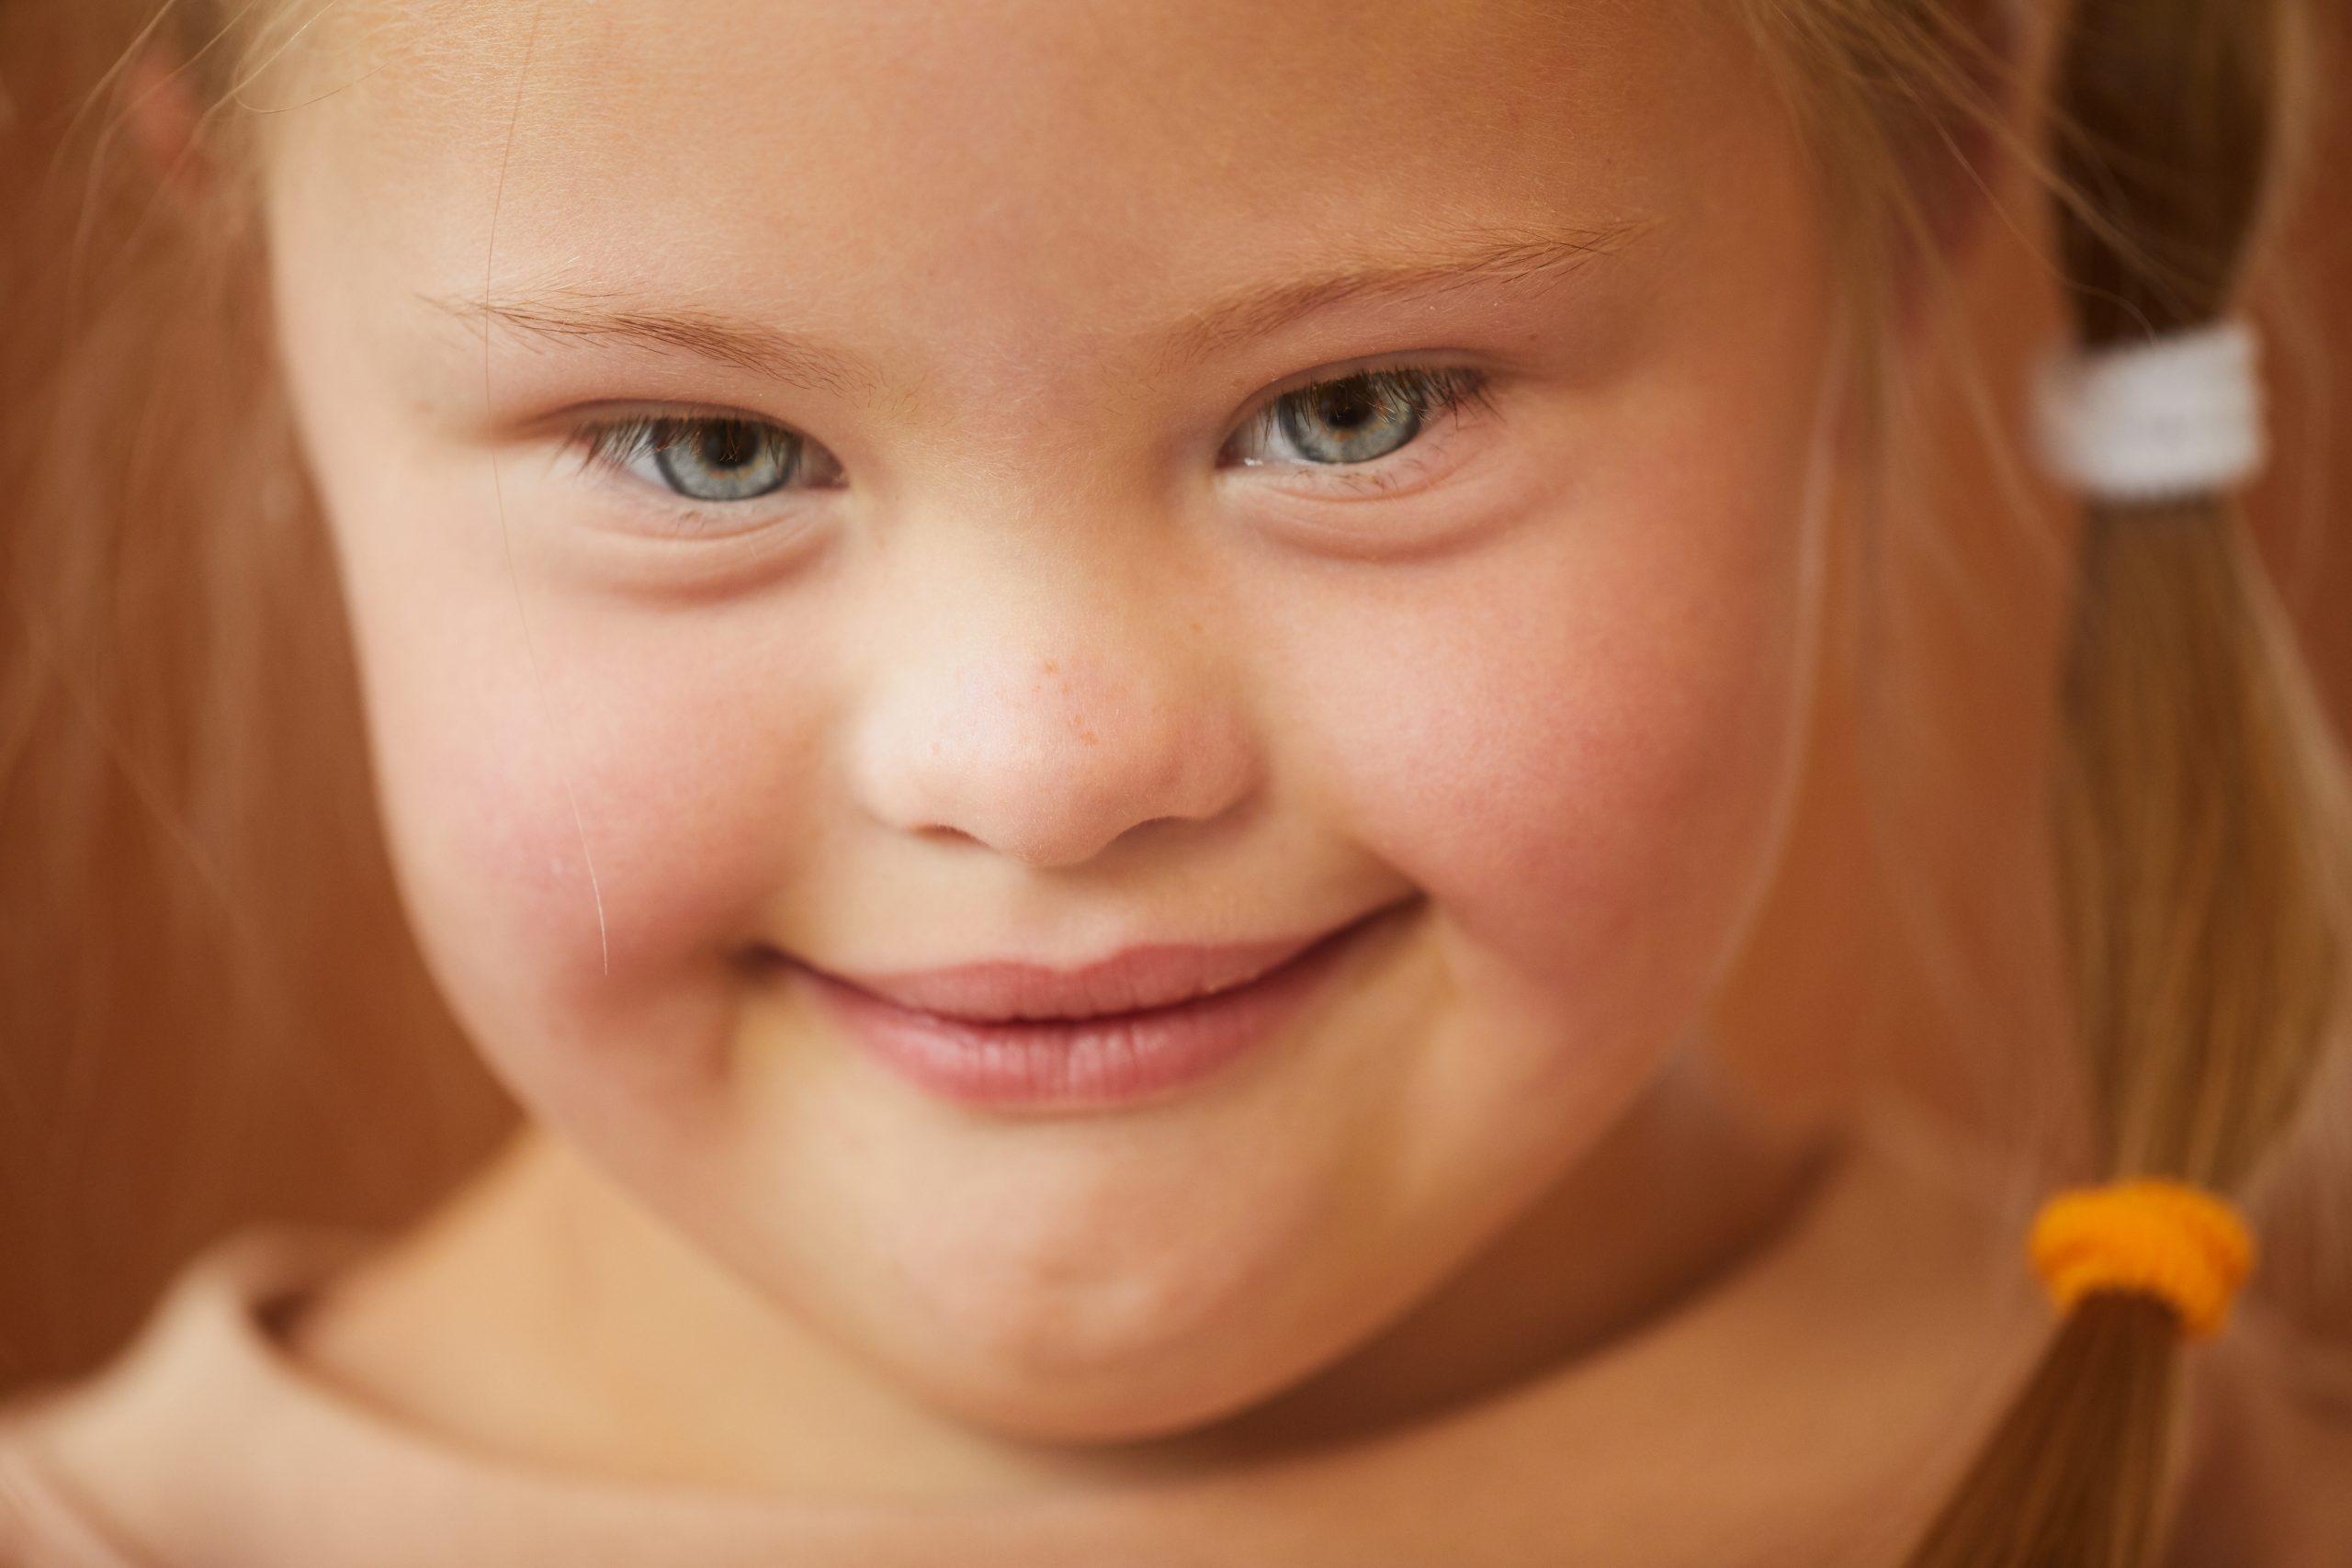 Otizm Spektrum Bozukluğu ve Bu Tanı Grubundaki Bireylerin Ebeveynleri Gözünden Değerlendirme